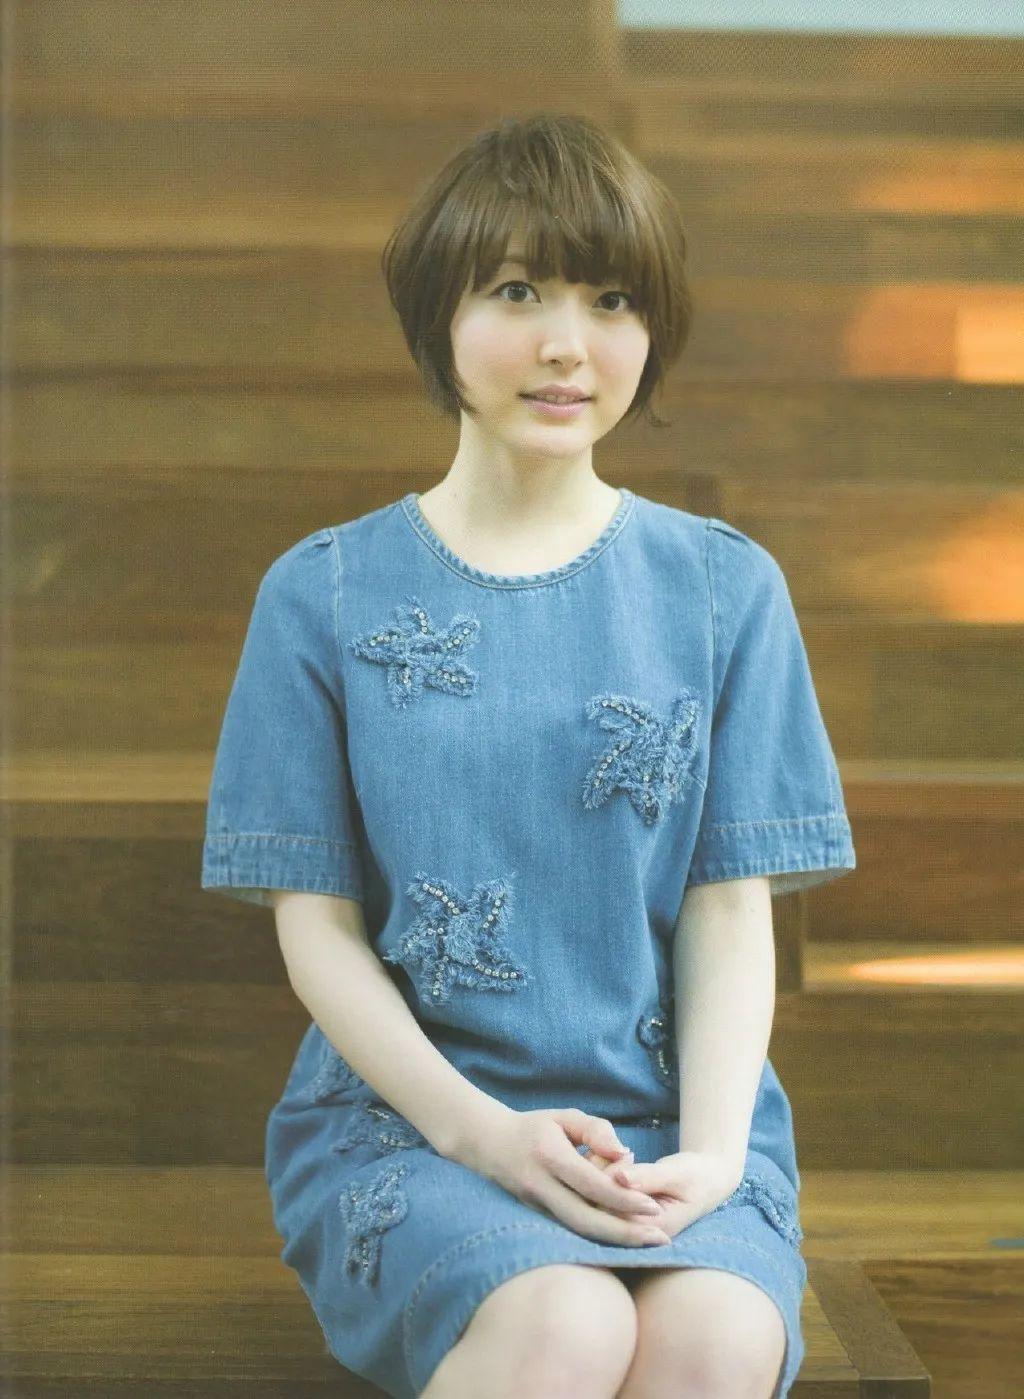 花泽香菜2005-2020年颜值变化,老婆真的好好看啊_图片 No.15